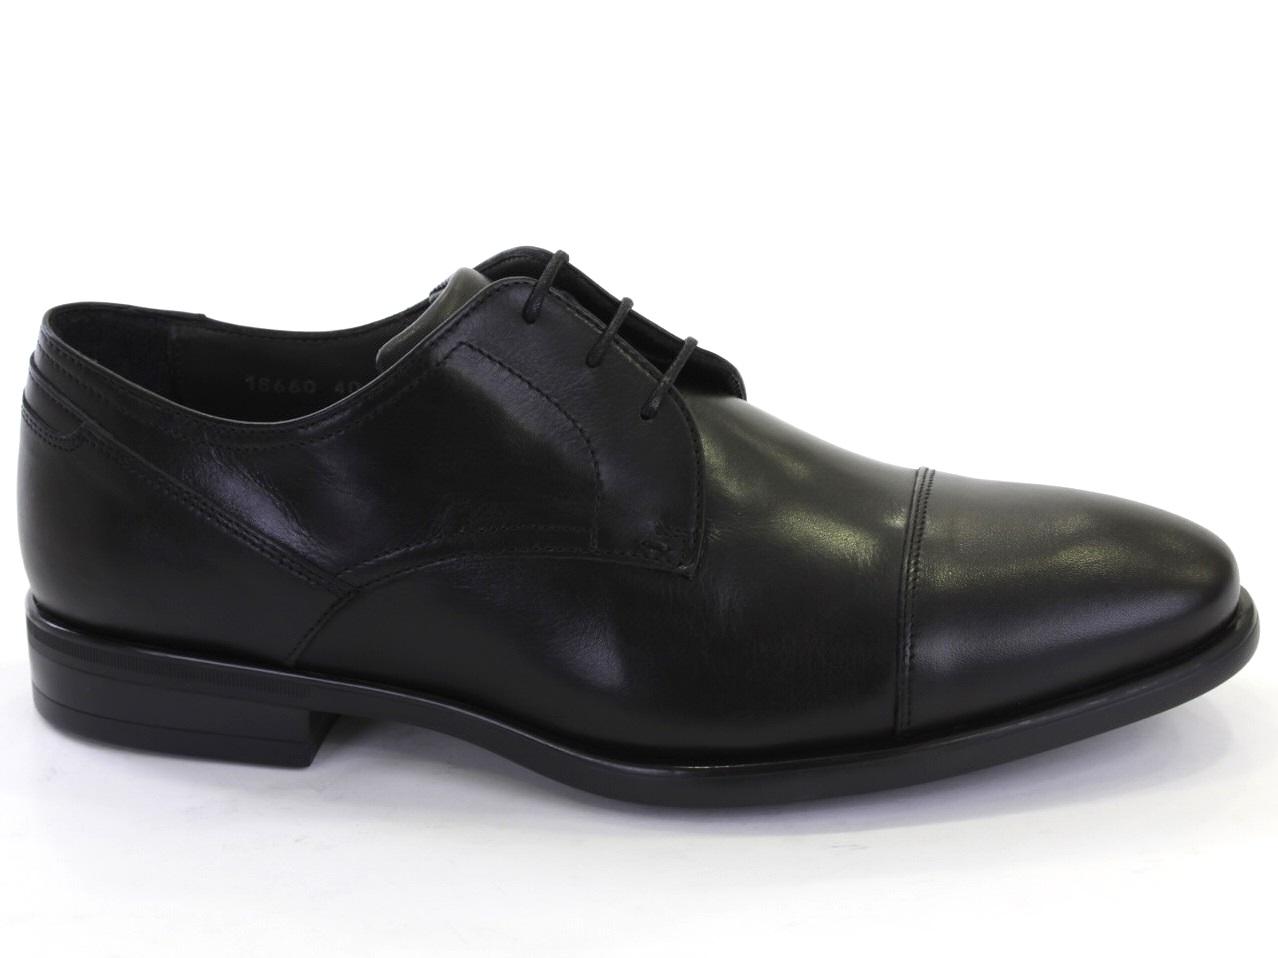 Lace Shoes Gino Bianchi - 405 16660